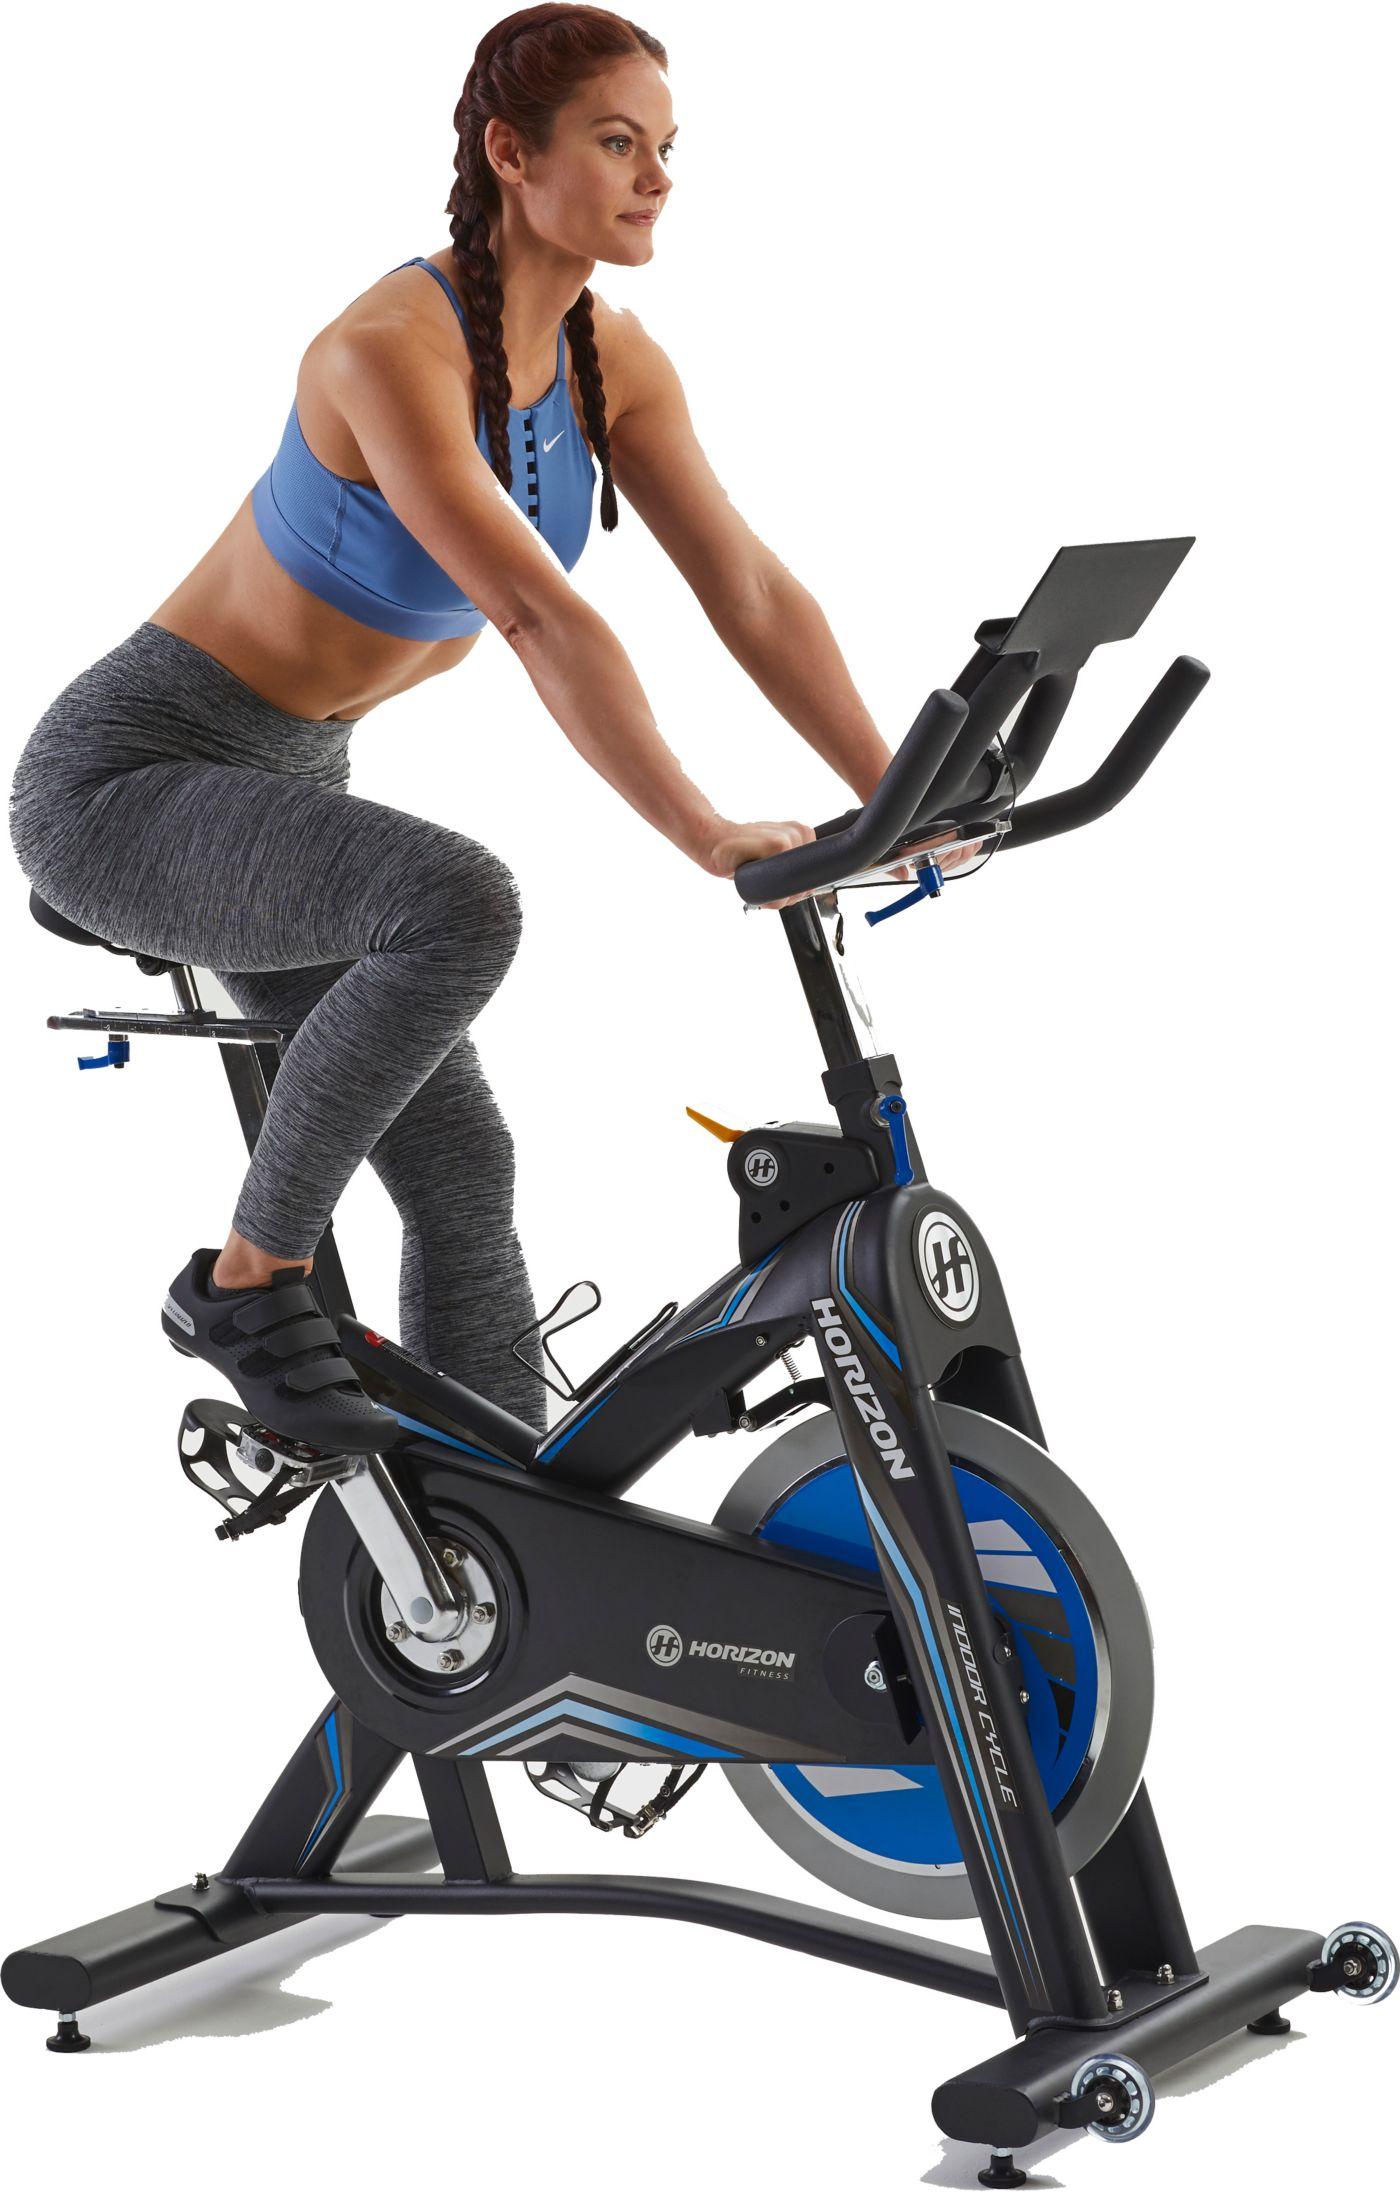 Horizon IC7.9 Indoor Cycle Bike